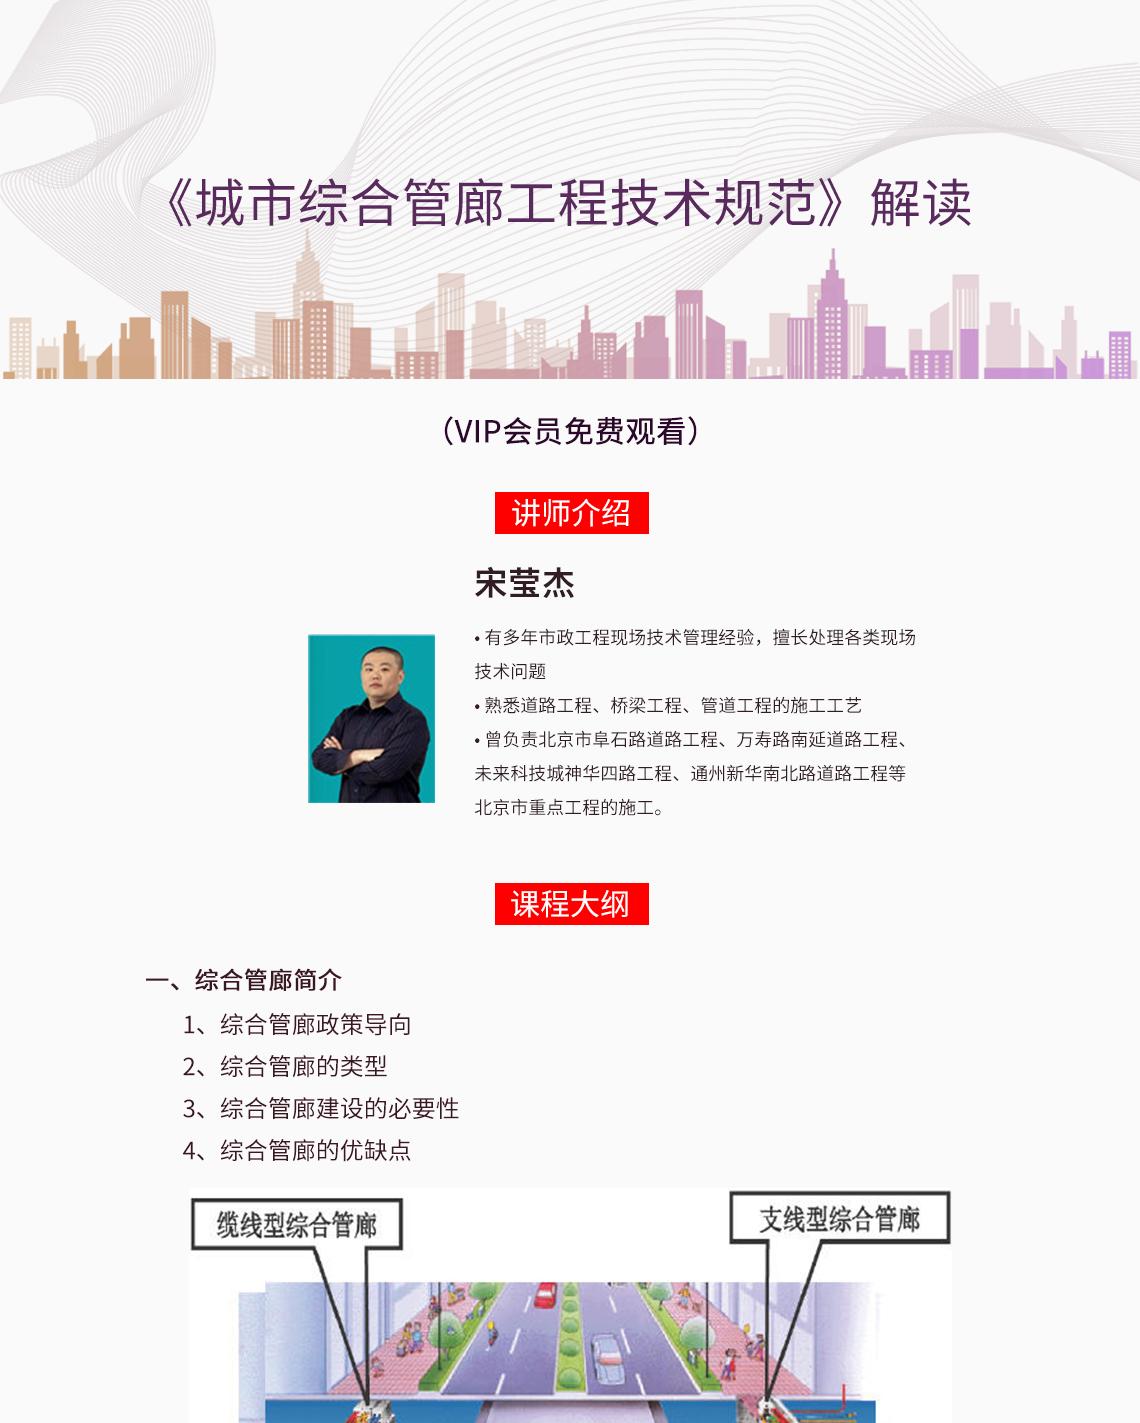 城市综合管廊工程技术规范,地下综合管廊系统,综合管廊项目划分,综合管沟国家规范  老师介绍: • 有多年市政工程现场技术管理经验,擅长处理各类现场技术问题  • 熟悉道路工程、桥梁工程、管道工程的施工工艺  • 曾负责北京市阜石路道路工程、万寿路南延道路工程、未来科技城神华四路工程、通州新华南北路道路工程等北京市重点工程的施工